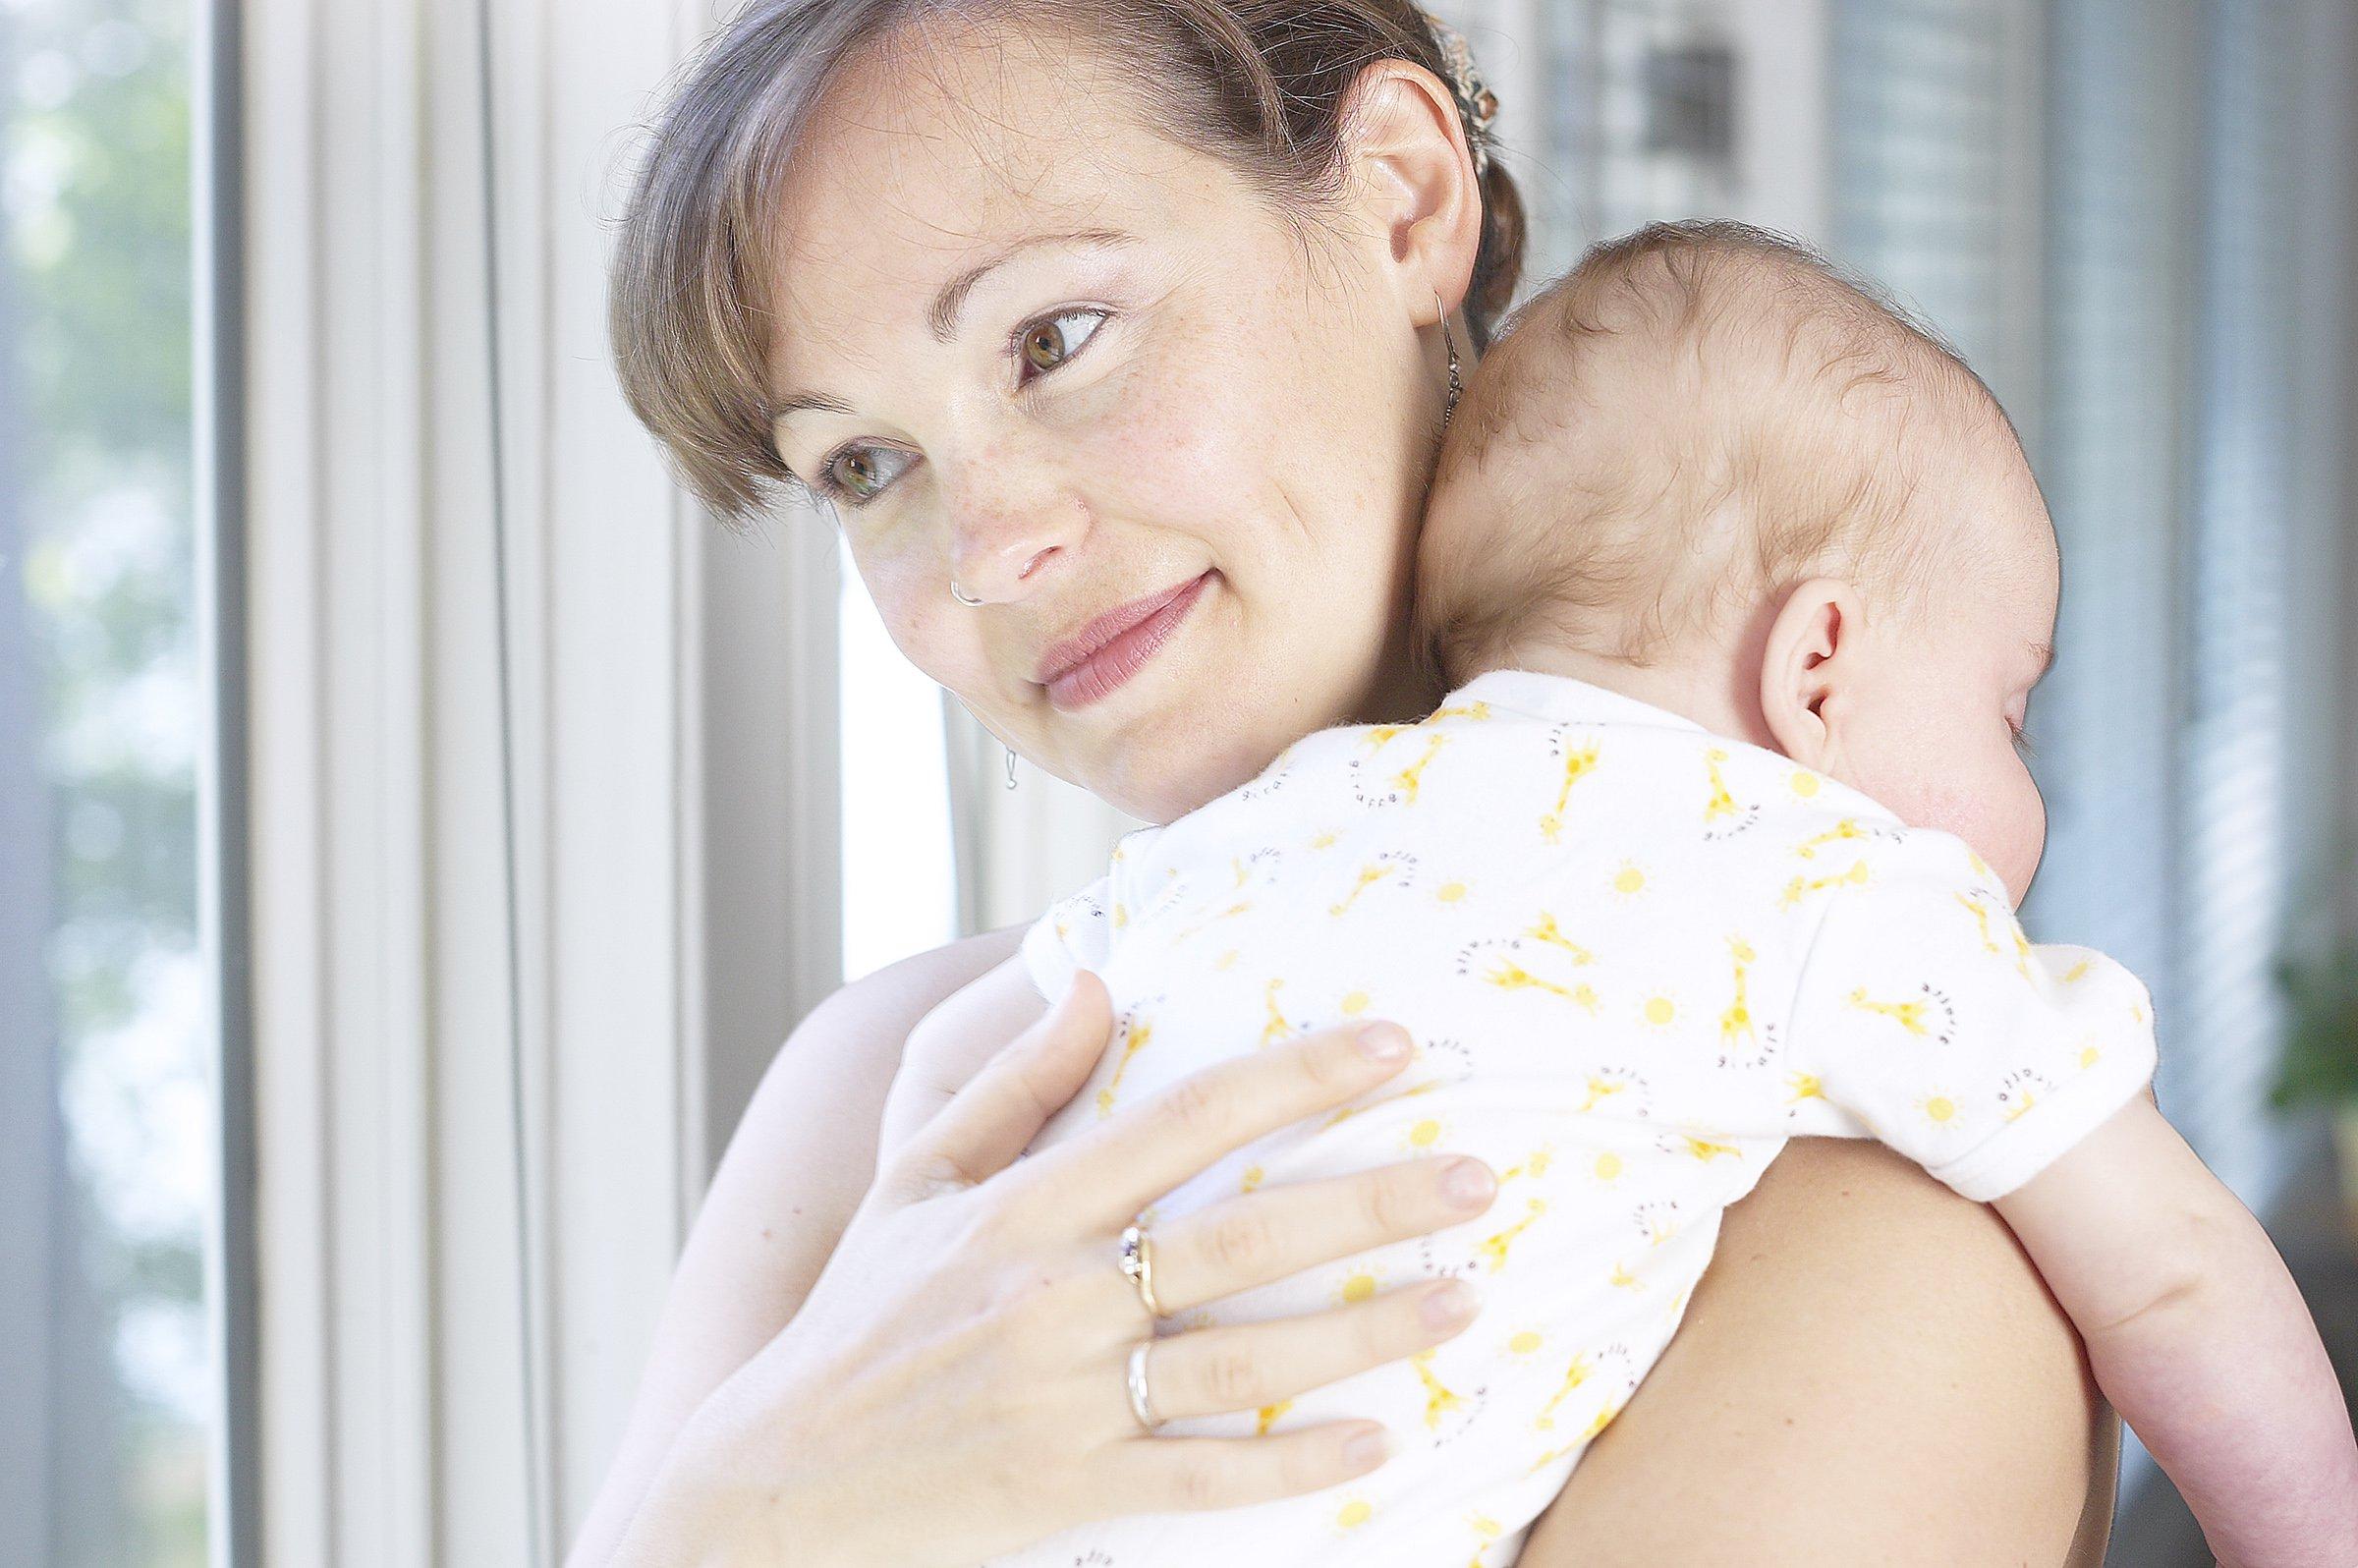 Как носить столбиком младенца